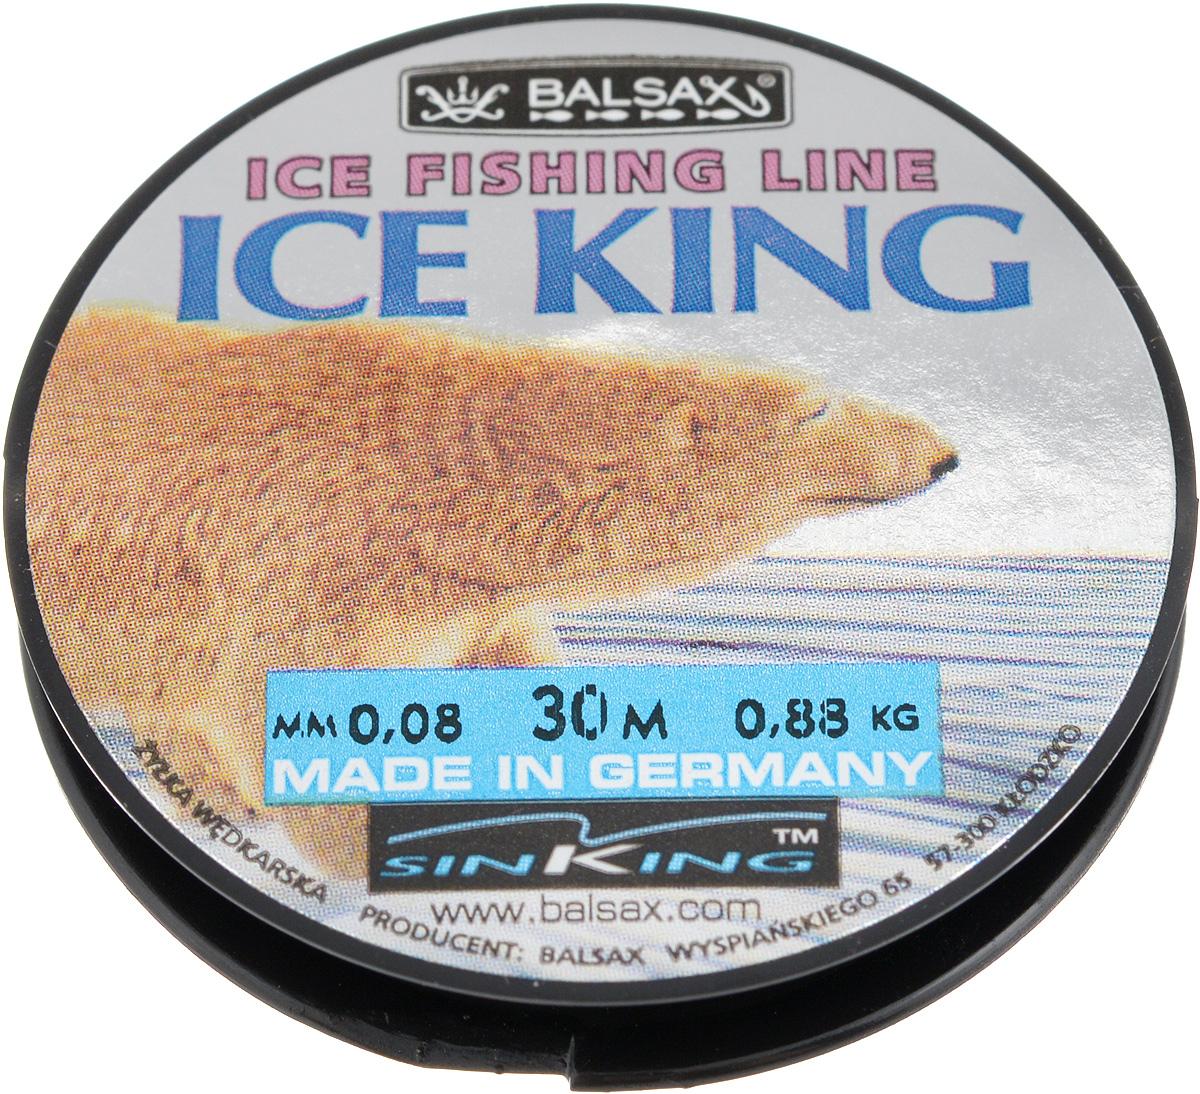 Леска зимняя Balsax Ice King, 30 м, 0,08 мм, 0,88 кг310-08008Леска Balsax Ice King изготовлена из 100% нейлона и очень хорошо выдерживает низкие температуры. Даже в самом холодном климате, при температуре вплоть до -40°C, она сохраняет свои свойства практически без изменений, в то время как традиционные лески становятся менее эластичными и теряют прочность. Поверхность лески обработана таким образом, что она не обмерзает и отлично подходит для подледного лова. Прочна в местах вязки узлов даже при минимальном диаметре.